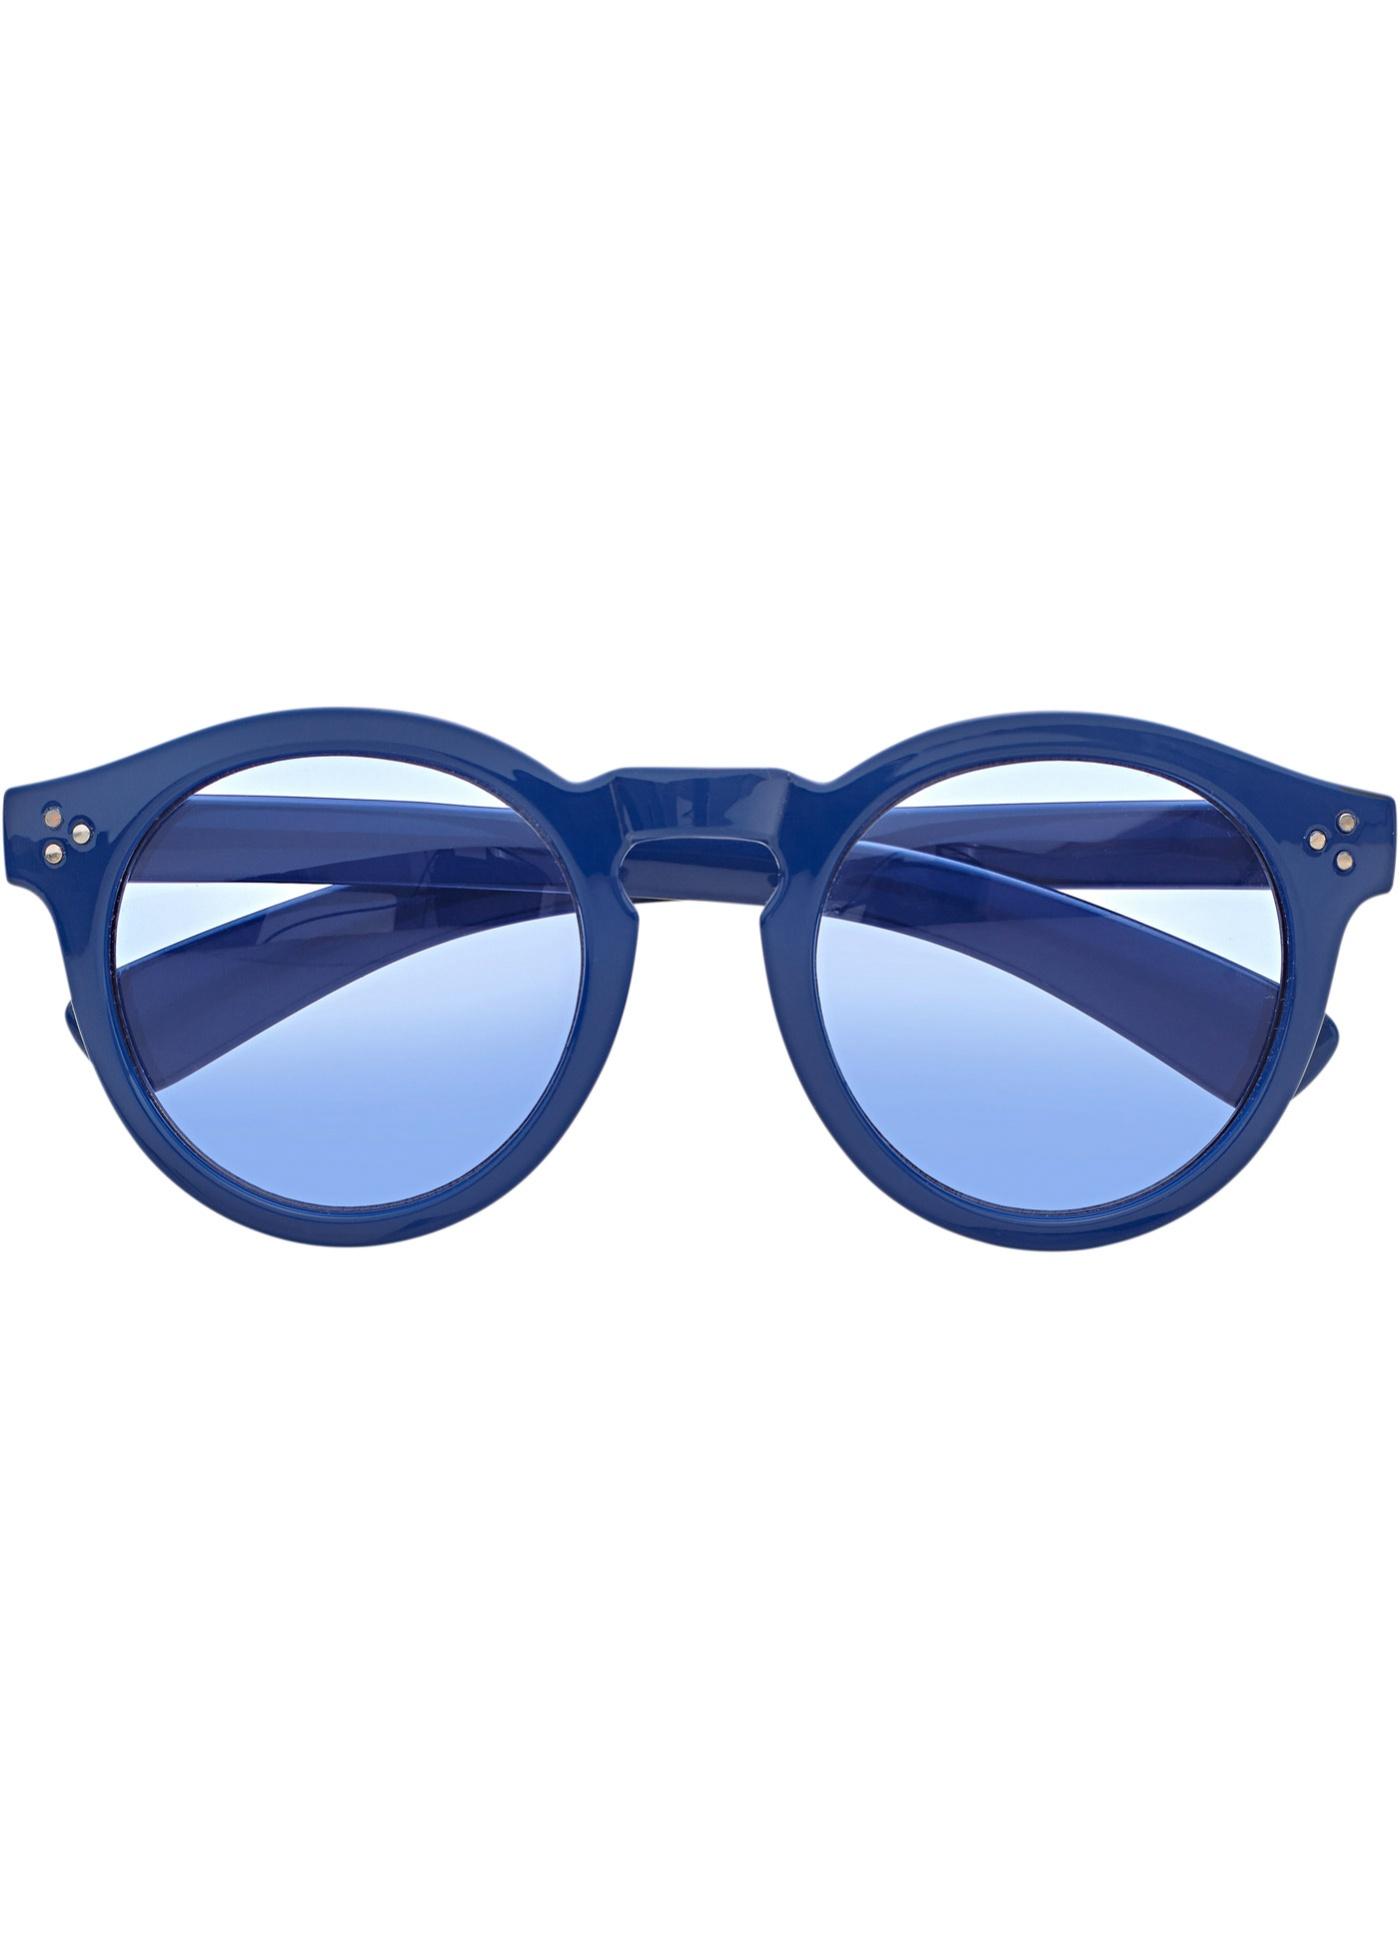 Occhiali da sole  Blu  -